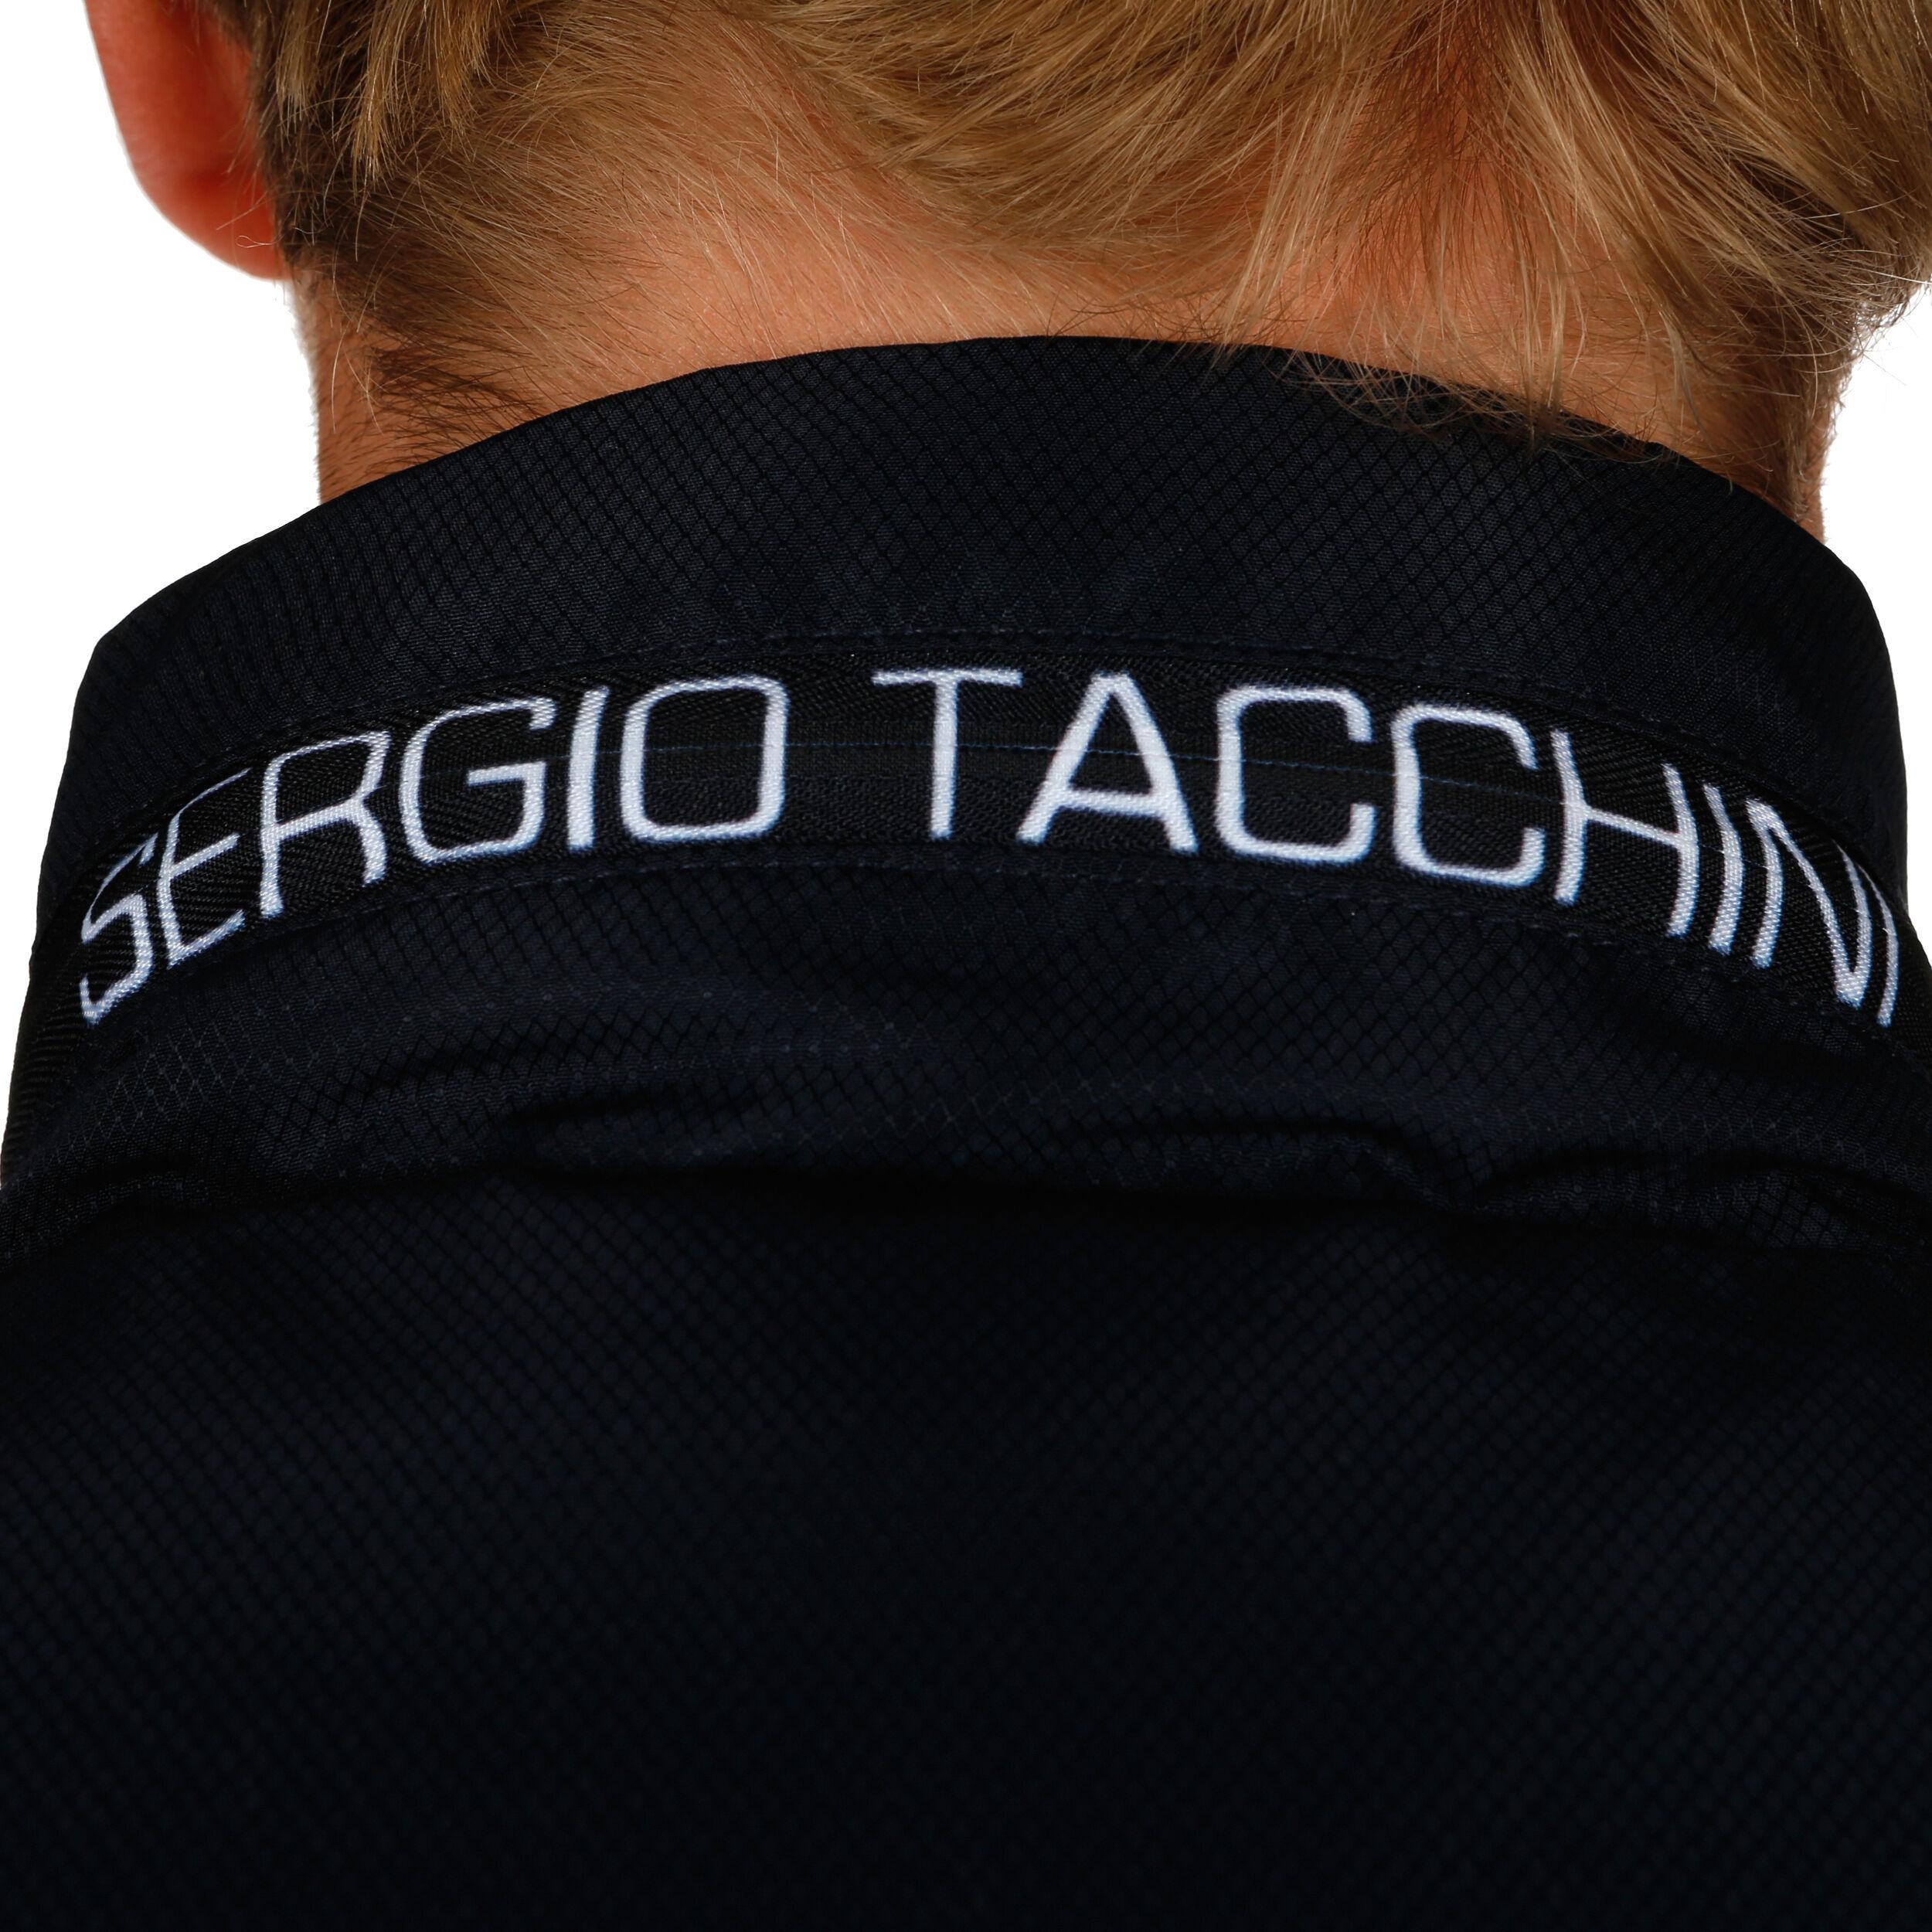 Sergio Tacchini | Verliebt Sergio Tacchini Oblivion